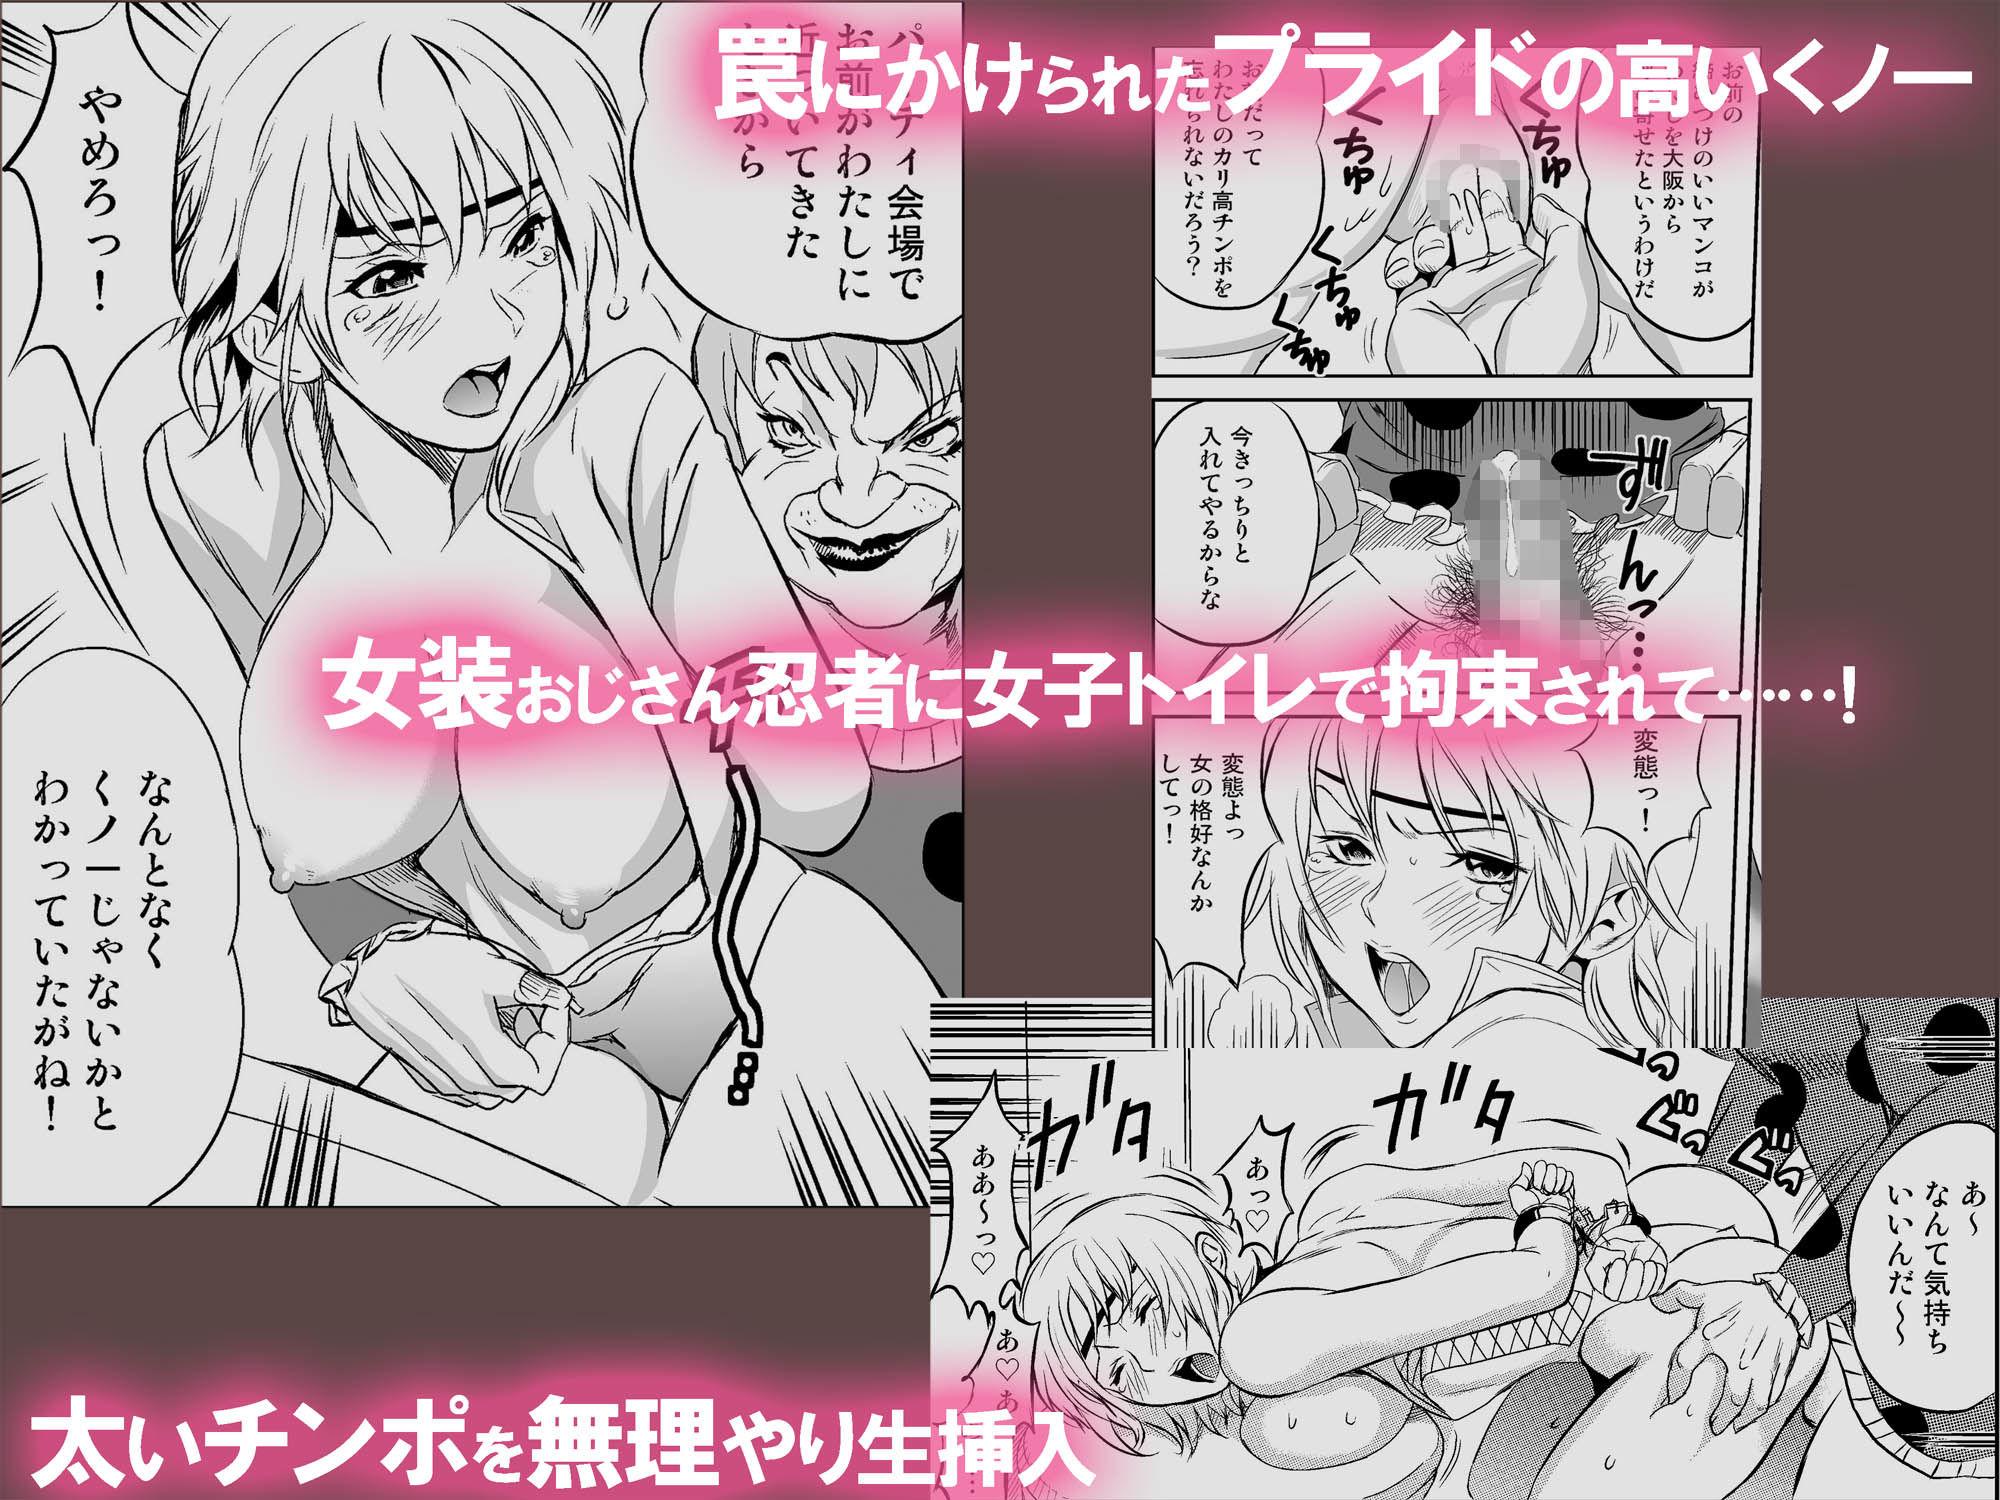 【IRON Y 同人】OLくノ一どすけべミッションVol.2女の武器を駆使する美人OLは罠にかかって獣じみえたあえぎ声をあげた